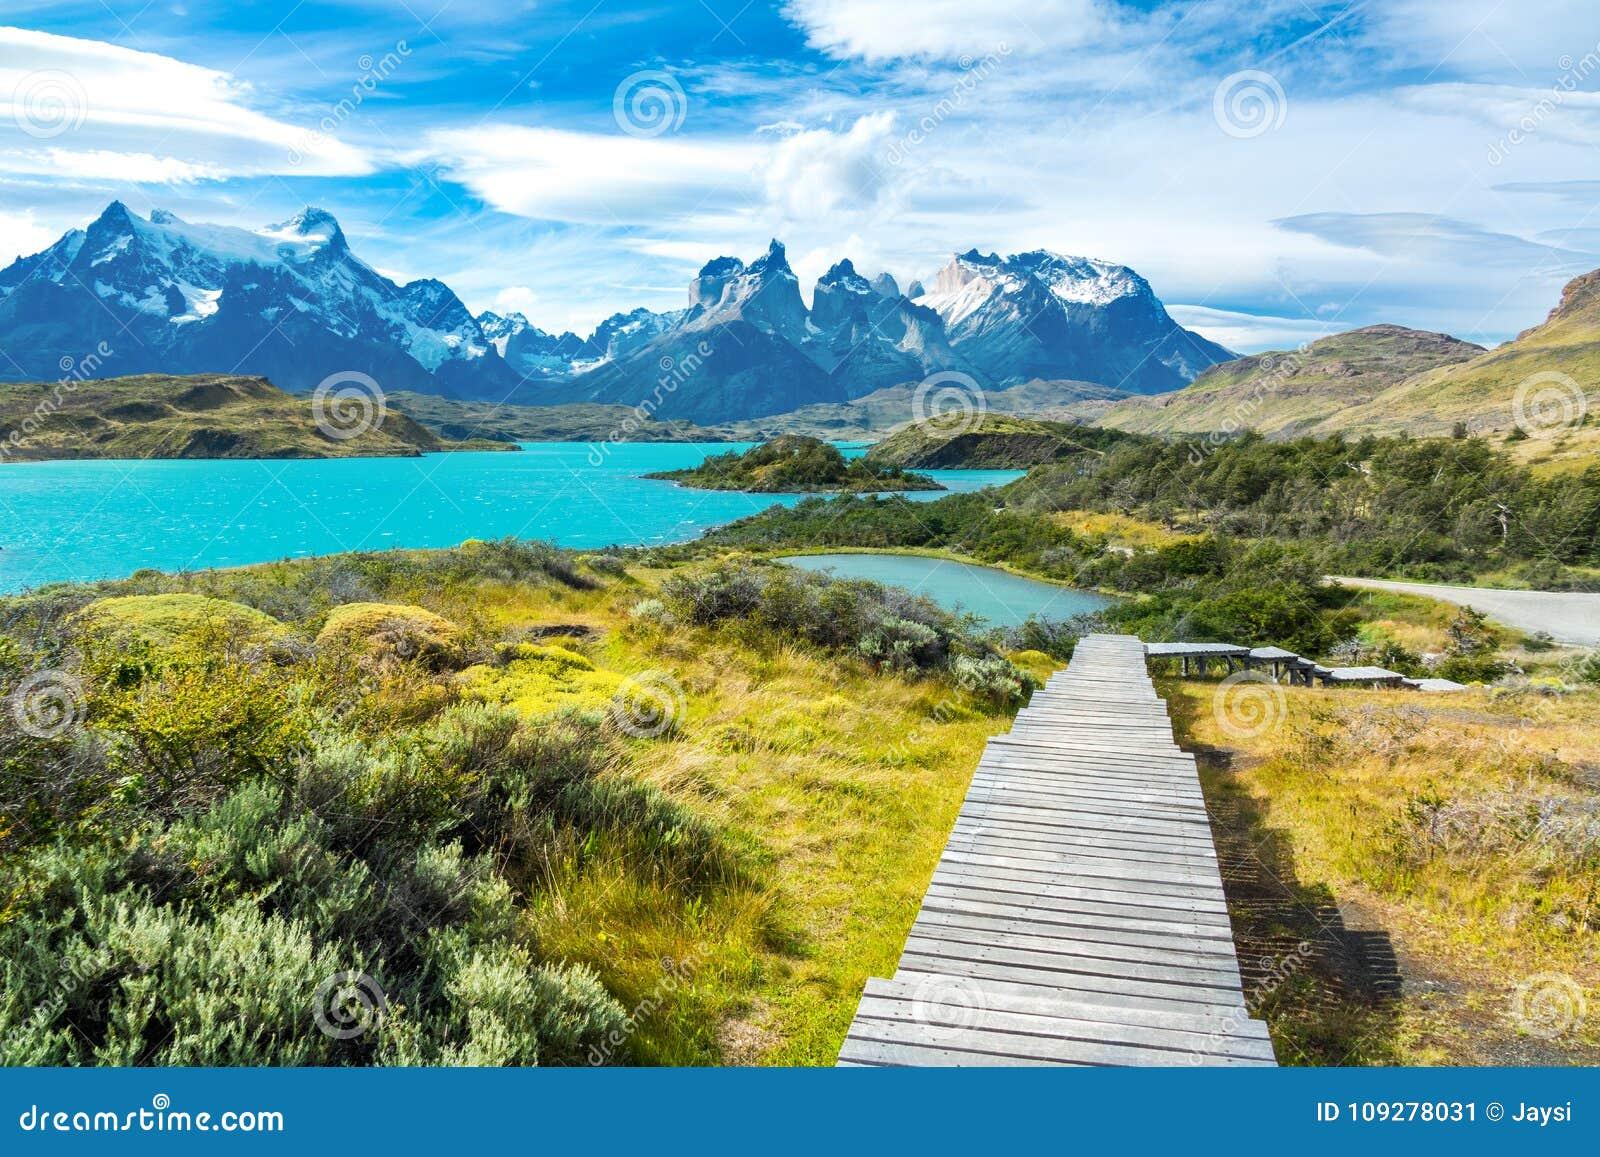 Le lac Pehoe et les montagnes de Guernos aménagent en parc, parc national Torres del Paine, Patagonia, Chili, Amérique du Sud